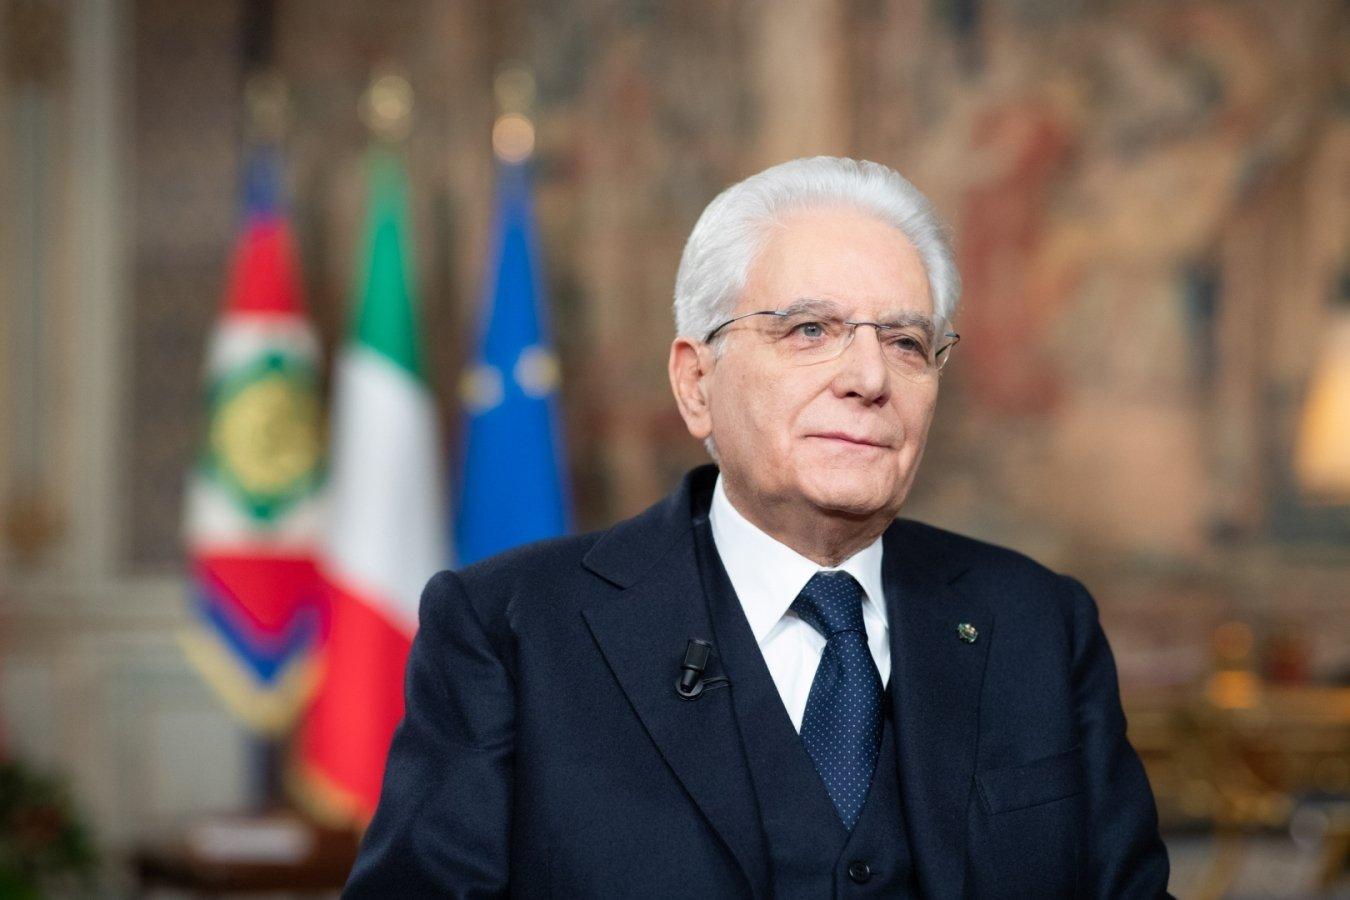 Il messaggio di fine anno del Capo dello Stato: È l'immagine dell'Italia positiva, che deve prevalere